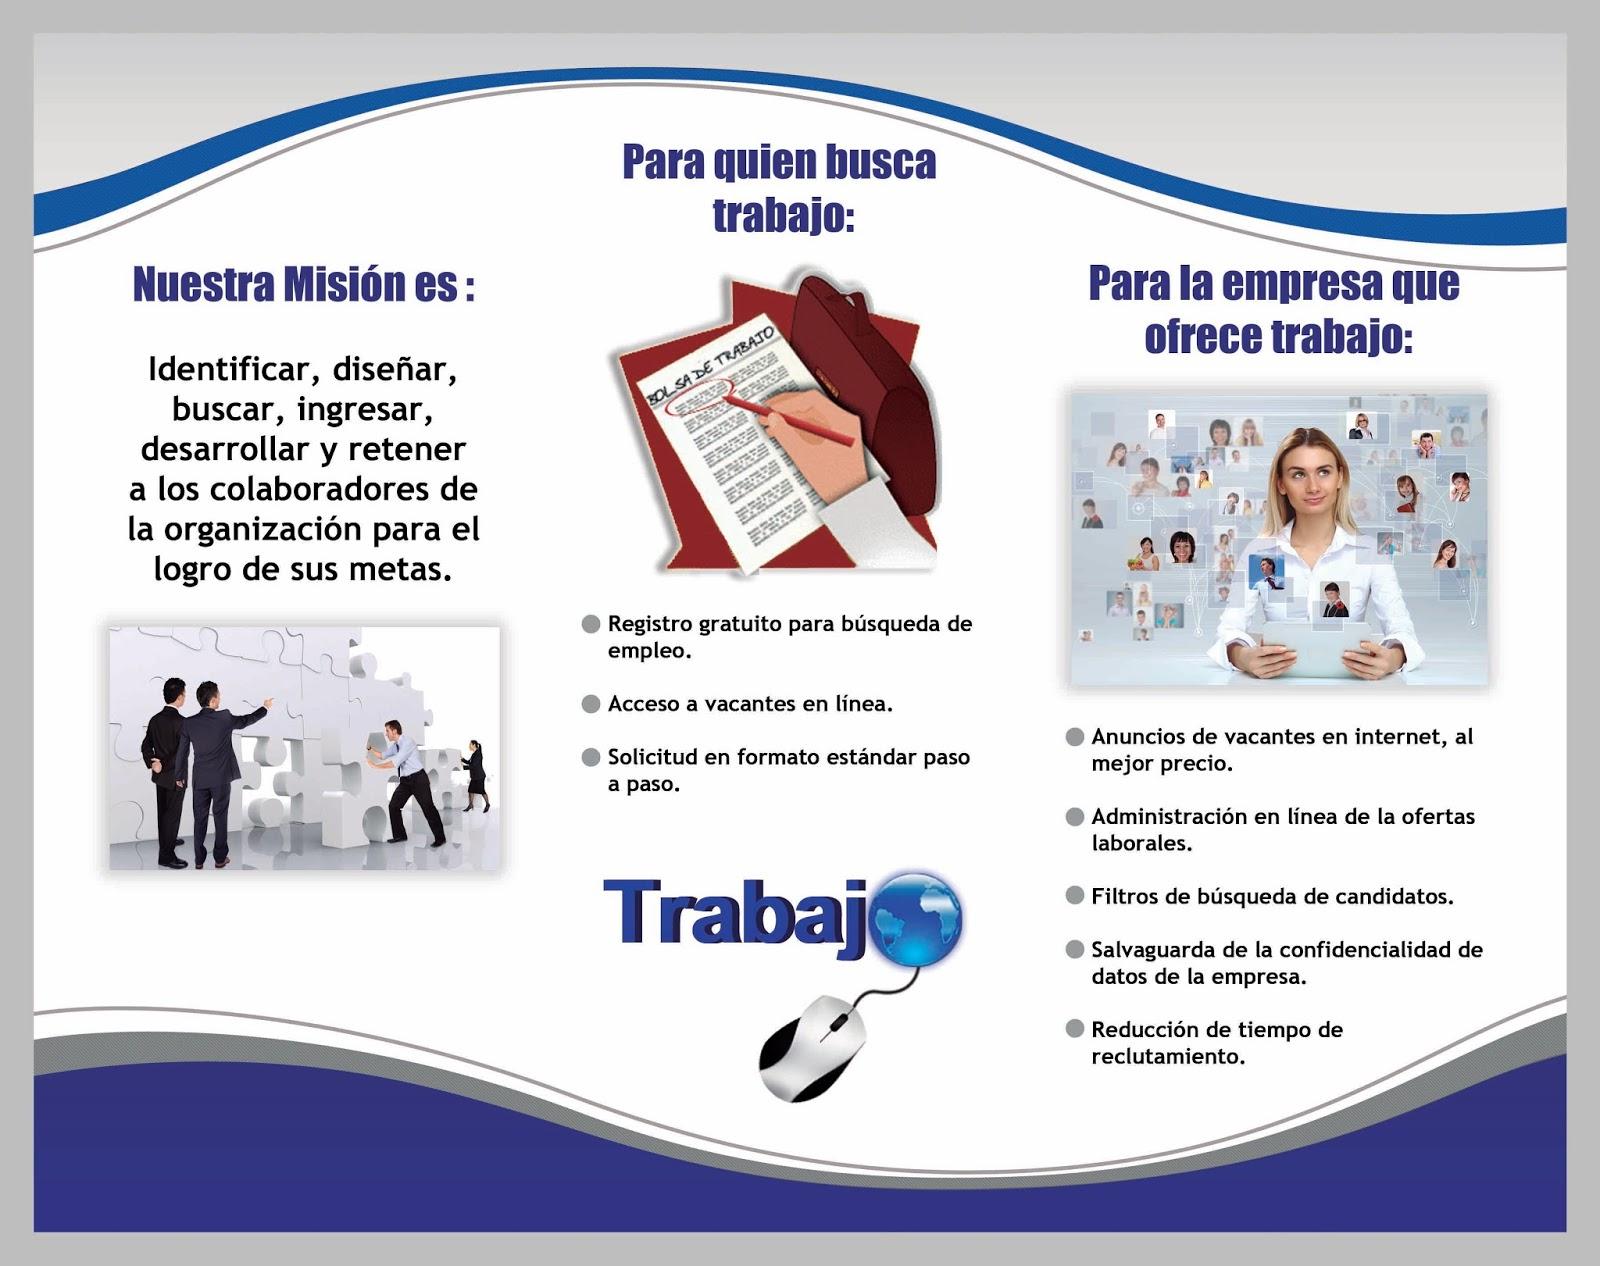 Fme contadores agosto 2013 for Ofertas de empleo en la linea